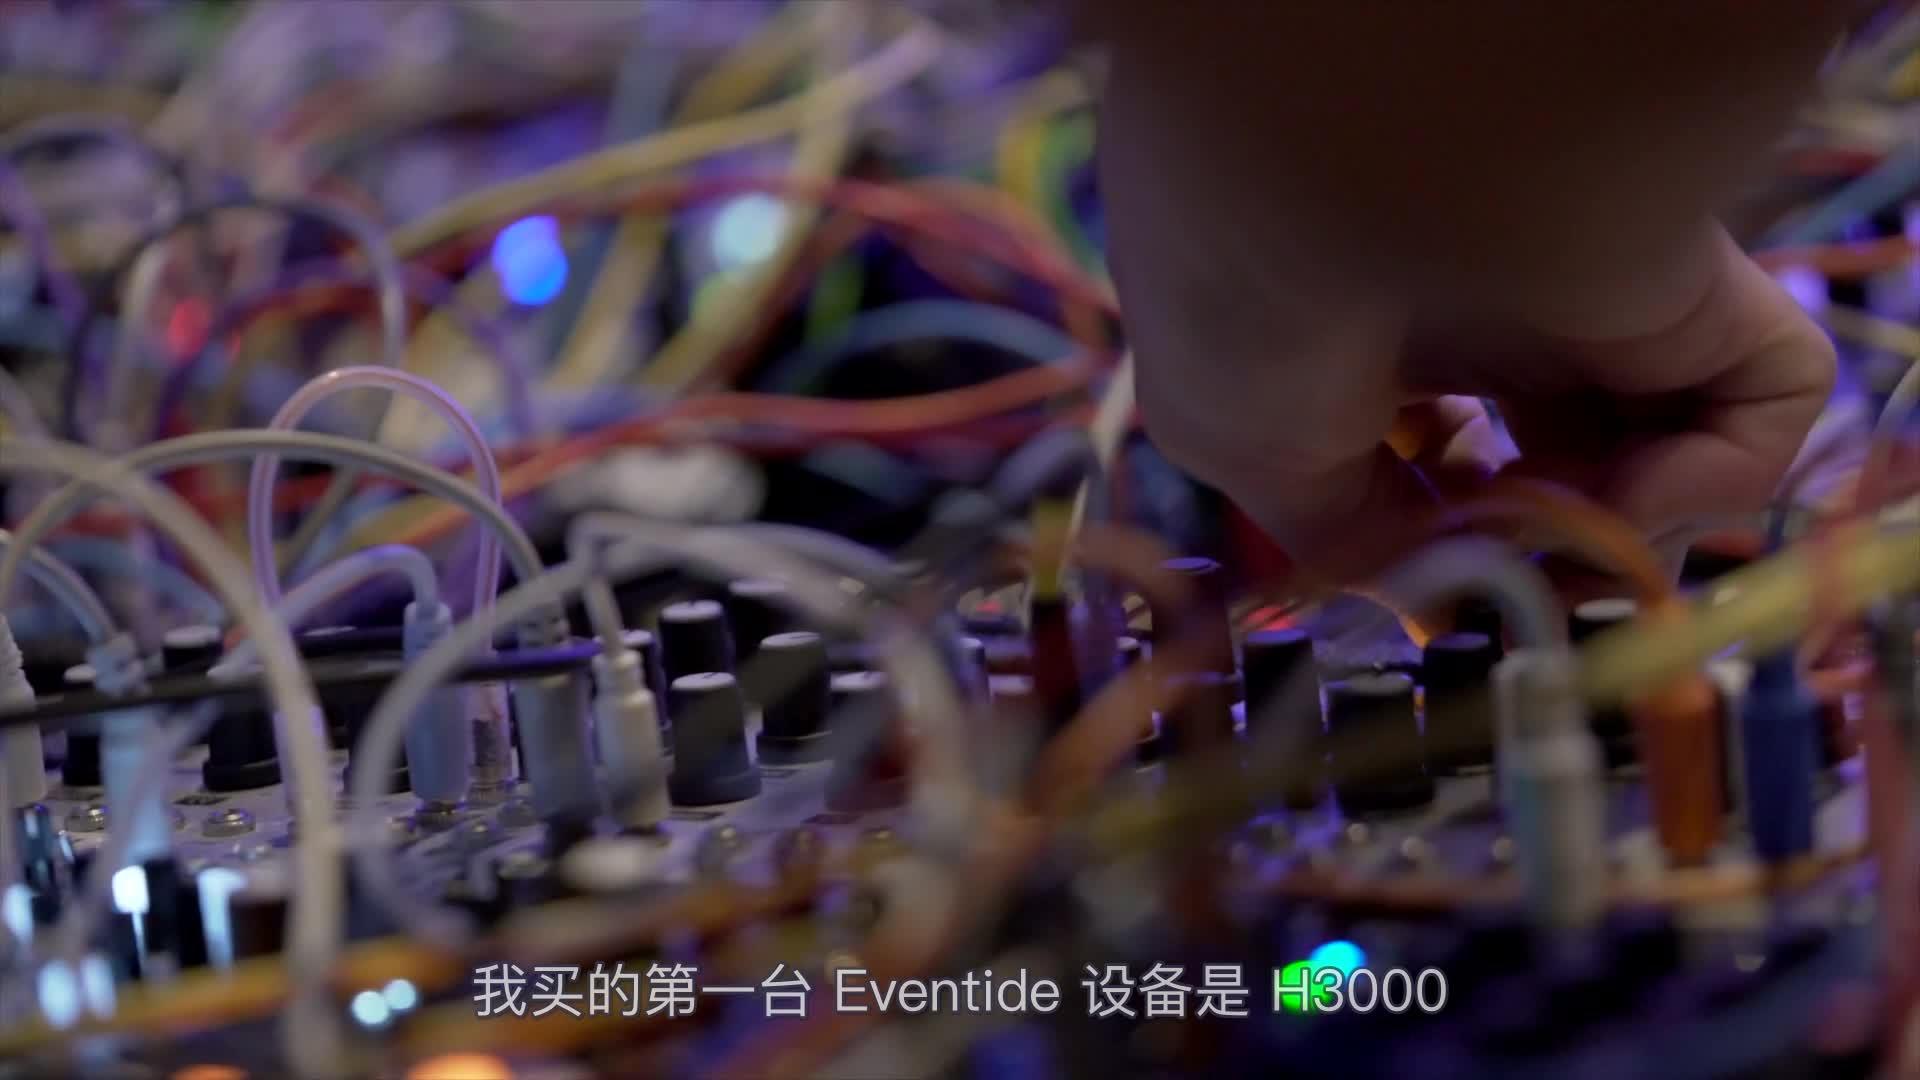 Richard Devine 与他的 H9000 & H9